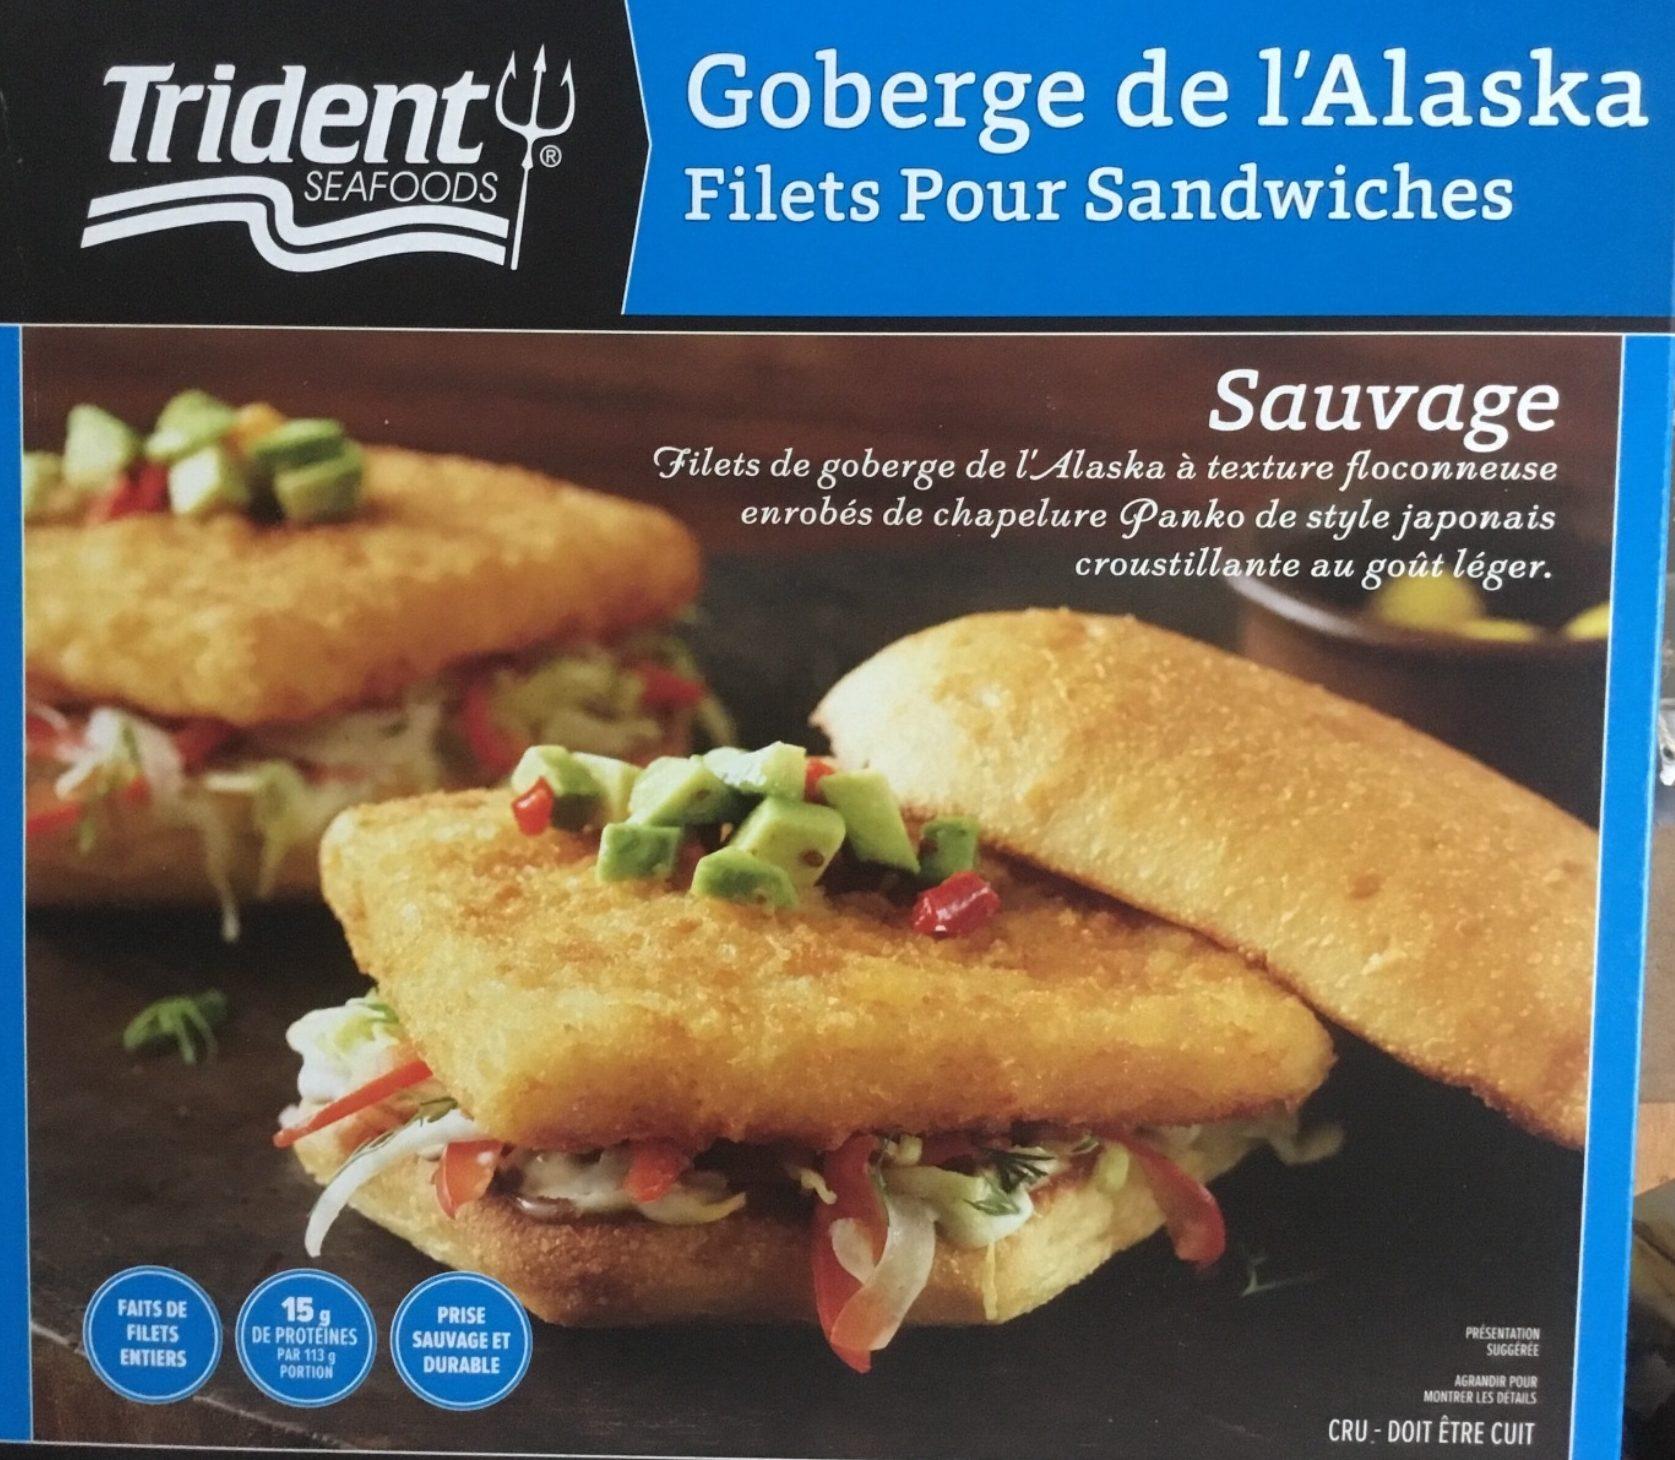 Filets de Goberge de l'Alaska pour sandwiches - Product